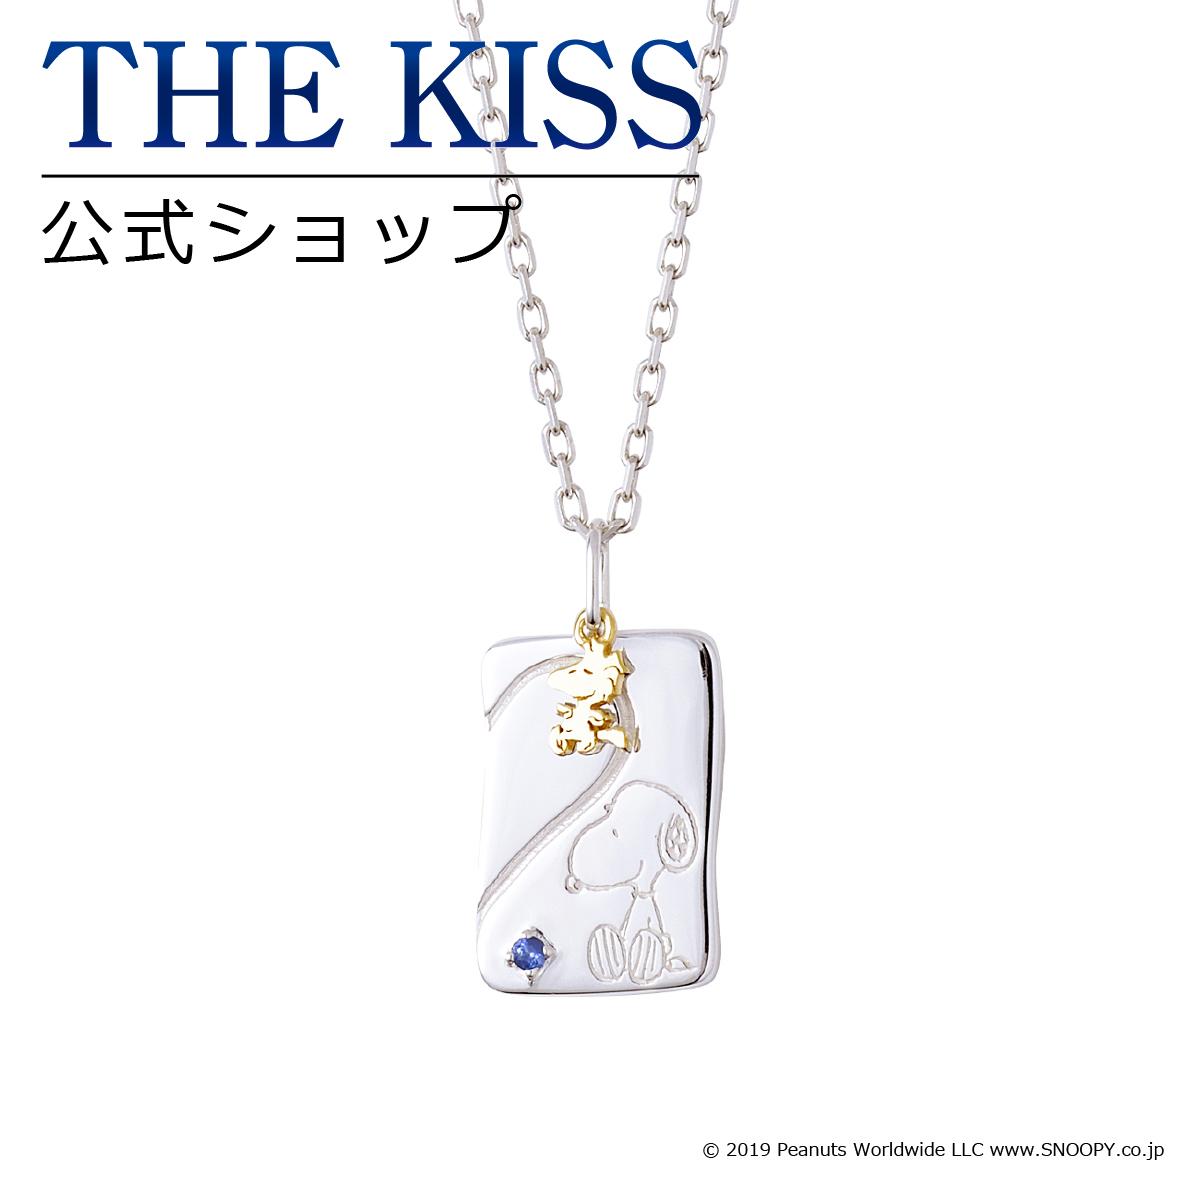 【あす楽対応】【PEANUTS×THE KISSコラボ】PEANUTS スヌーピー / THE KISS 公式サイト シルバー ペアネックレス (メンズ 単品) ペアアクセサリー カップル に 人気 の ジュエリーブランド THEKISS ペア ネックレス・ペンダント PN-SN514SP ザキス 【送料無料】